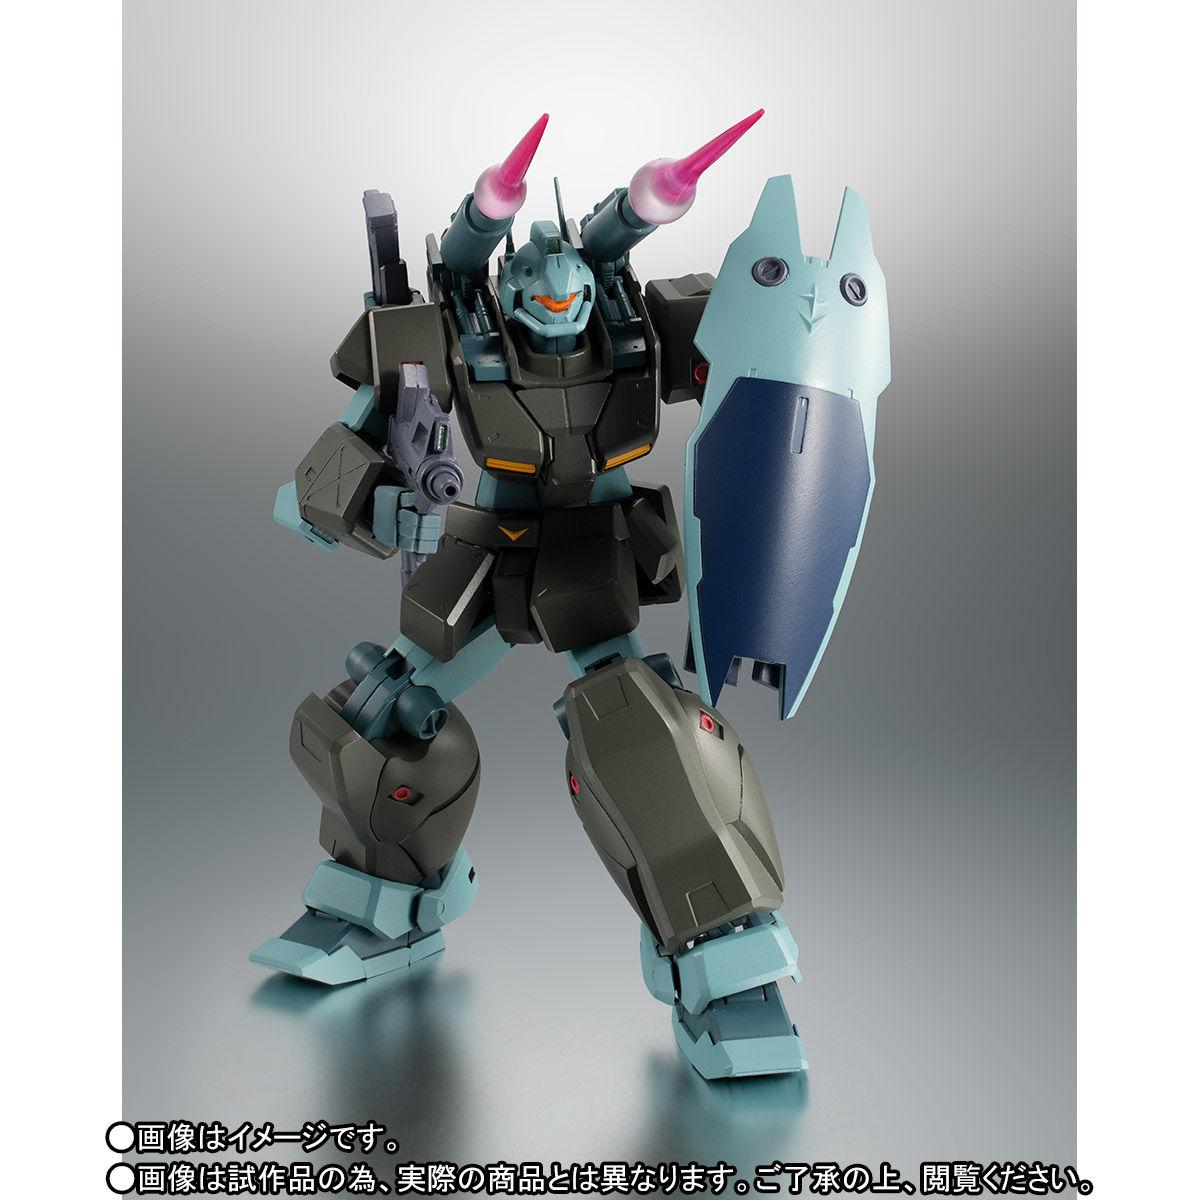 【限定販売】ROBOT魂〈SIDE MS〉『RGC-83 ジム・キャノンII ver. A.N.I.M.E.』ガンダム0083 可動フィギュア-009